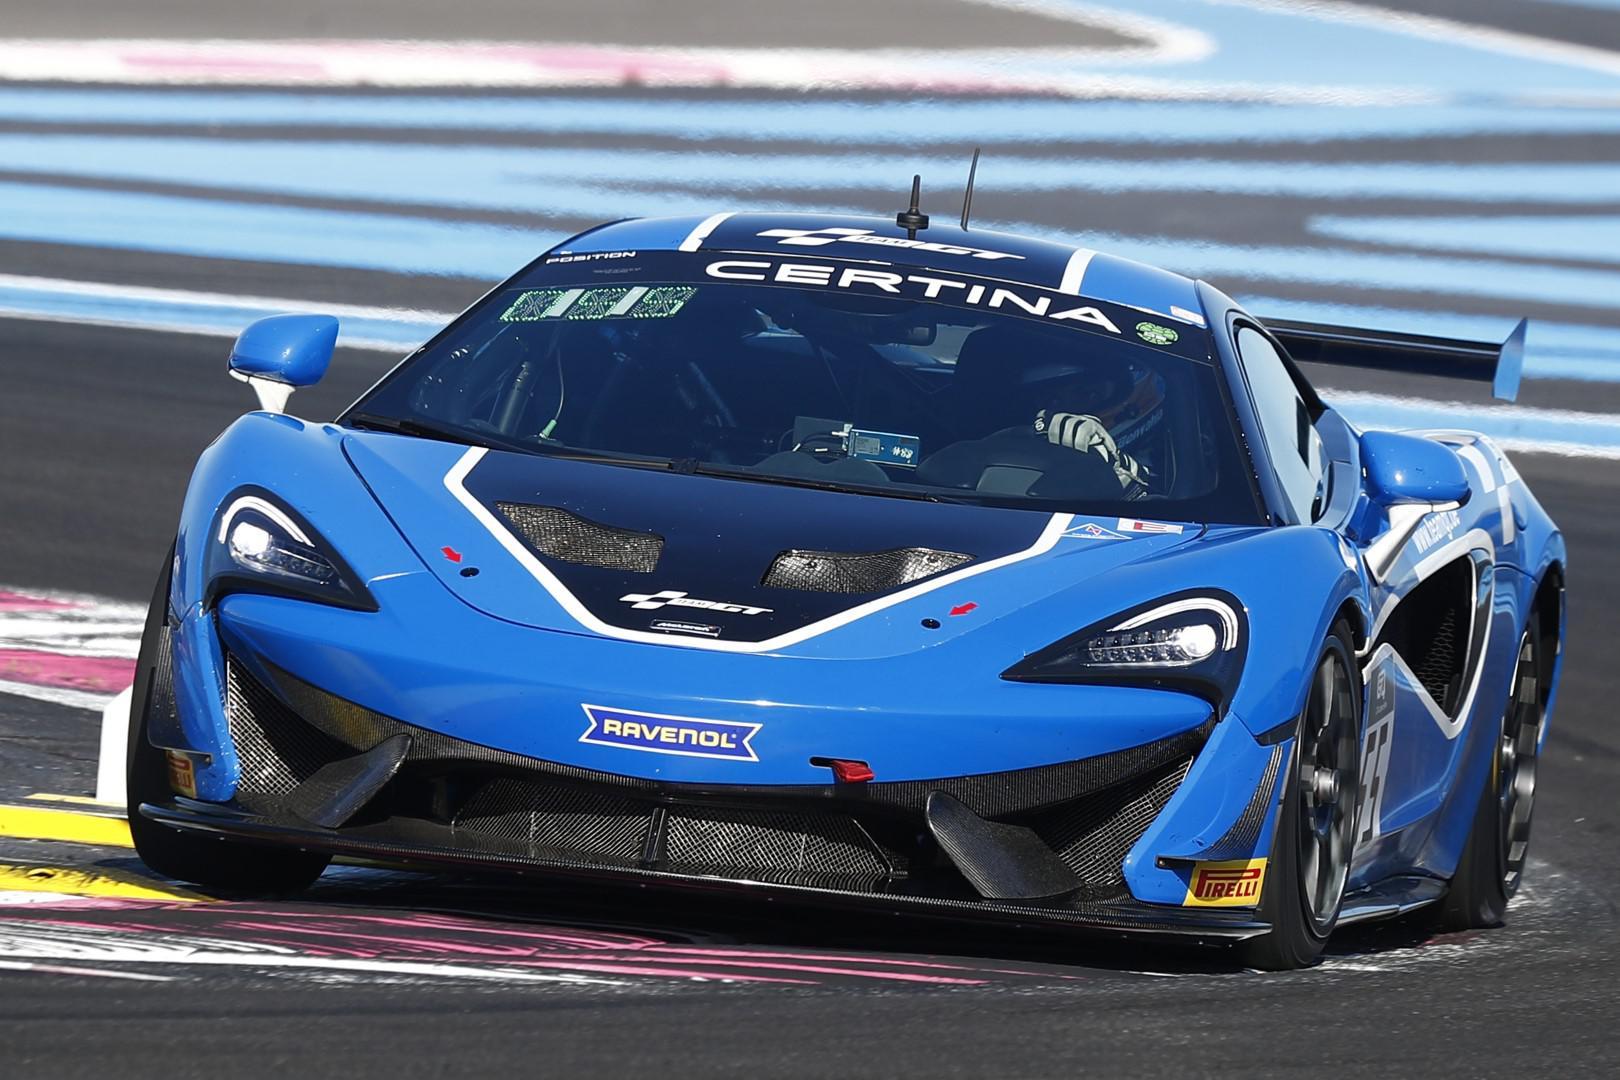 le-pilote-marocain-benyahia-evolue-en-2019-dans-le-championnat-d-europe-et-d-allemagne-de-la-serie-gt4-1110-2.jpg